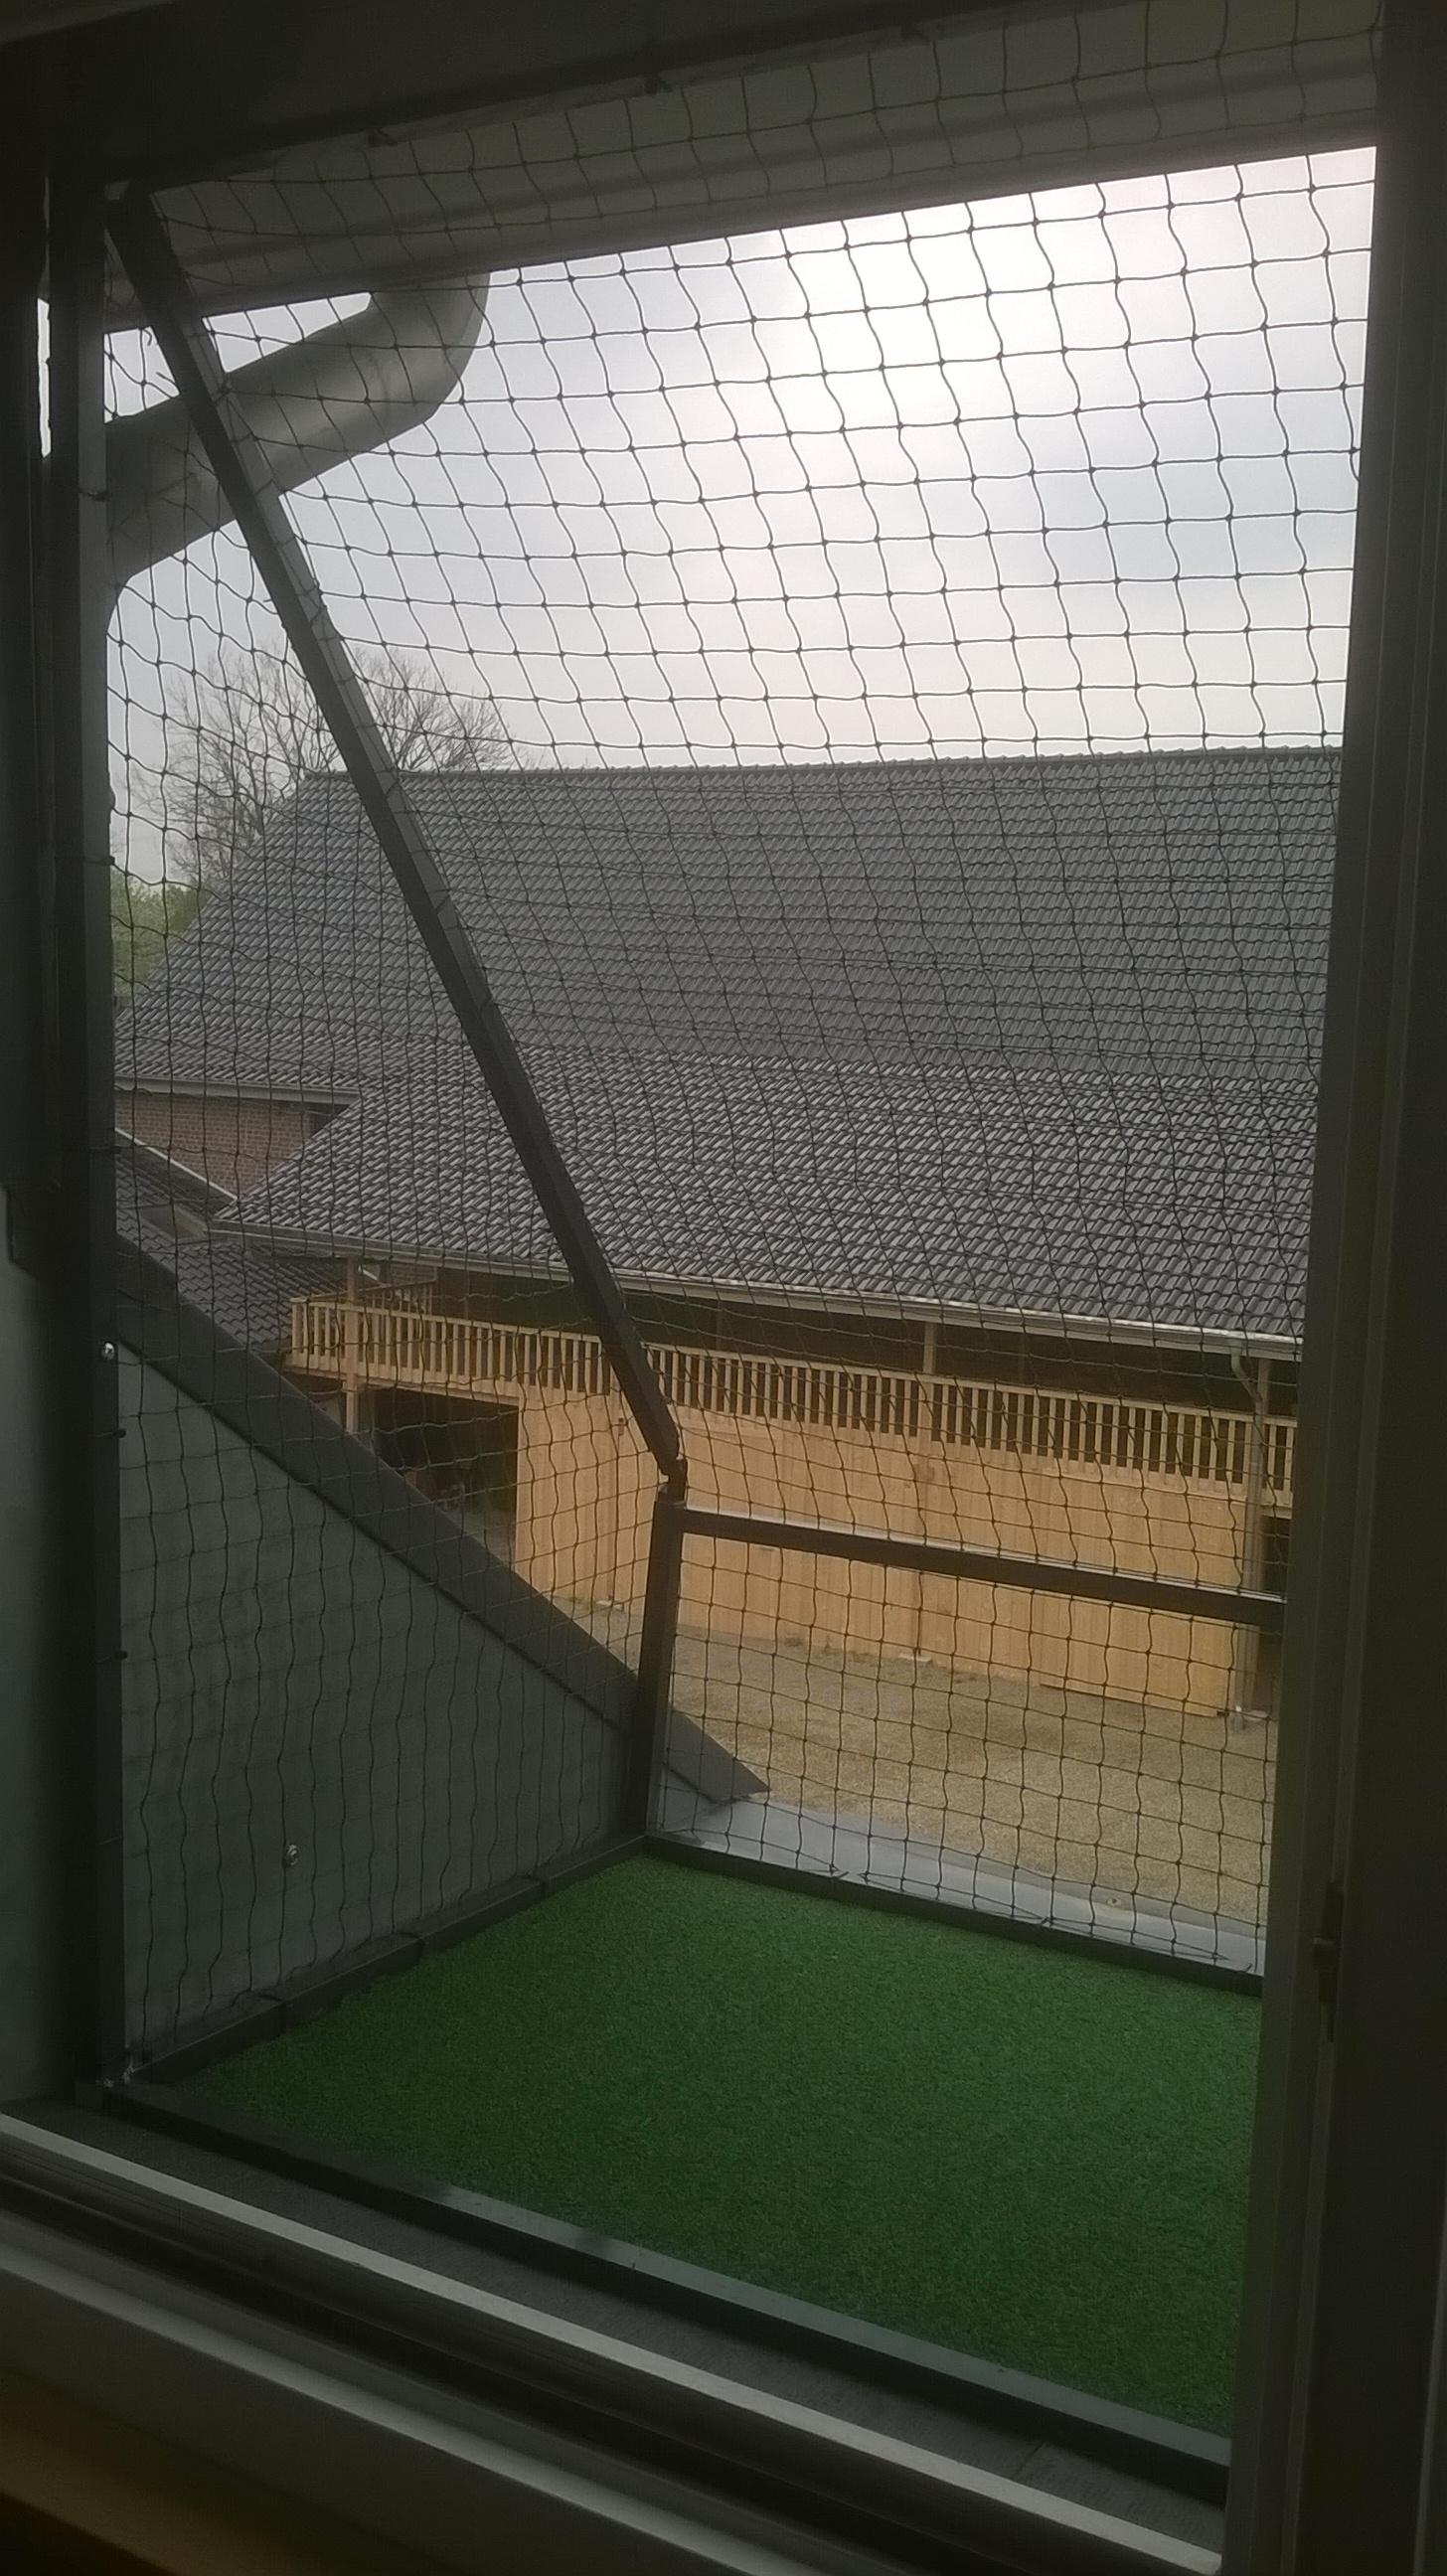 Fenstersims-katzensicher